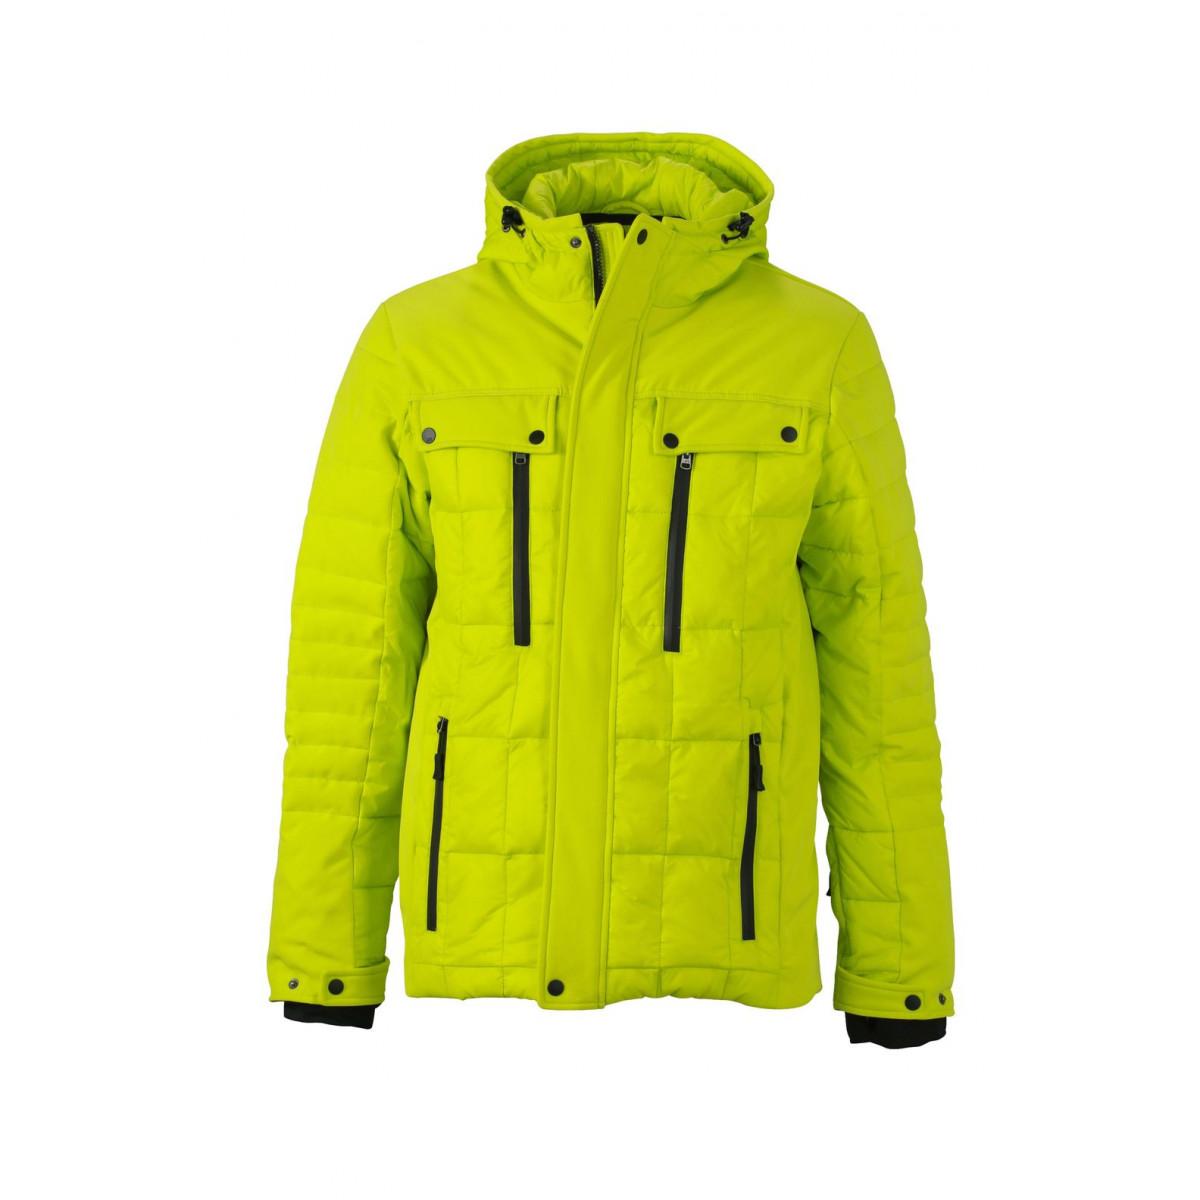 Куртка мужская JN1102 Mens Wintersport Jacket - Ярко-желтый/Черный